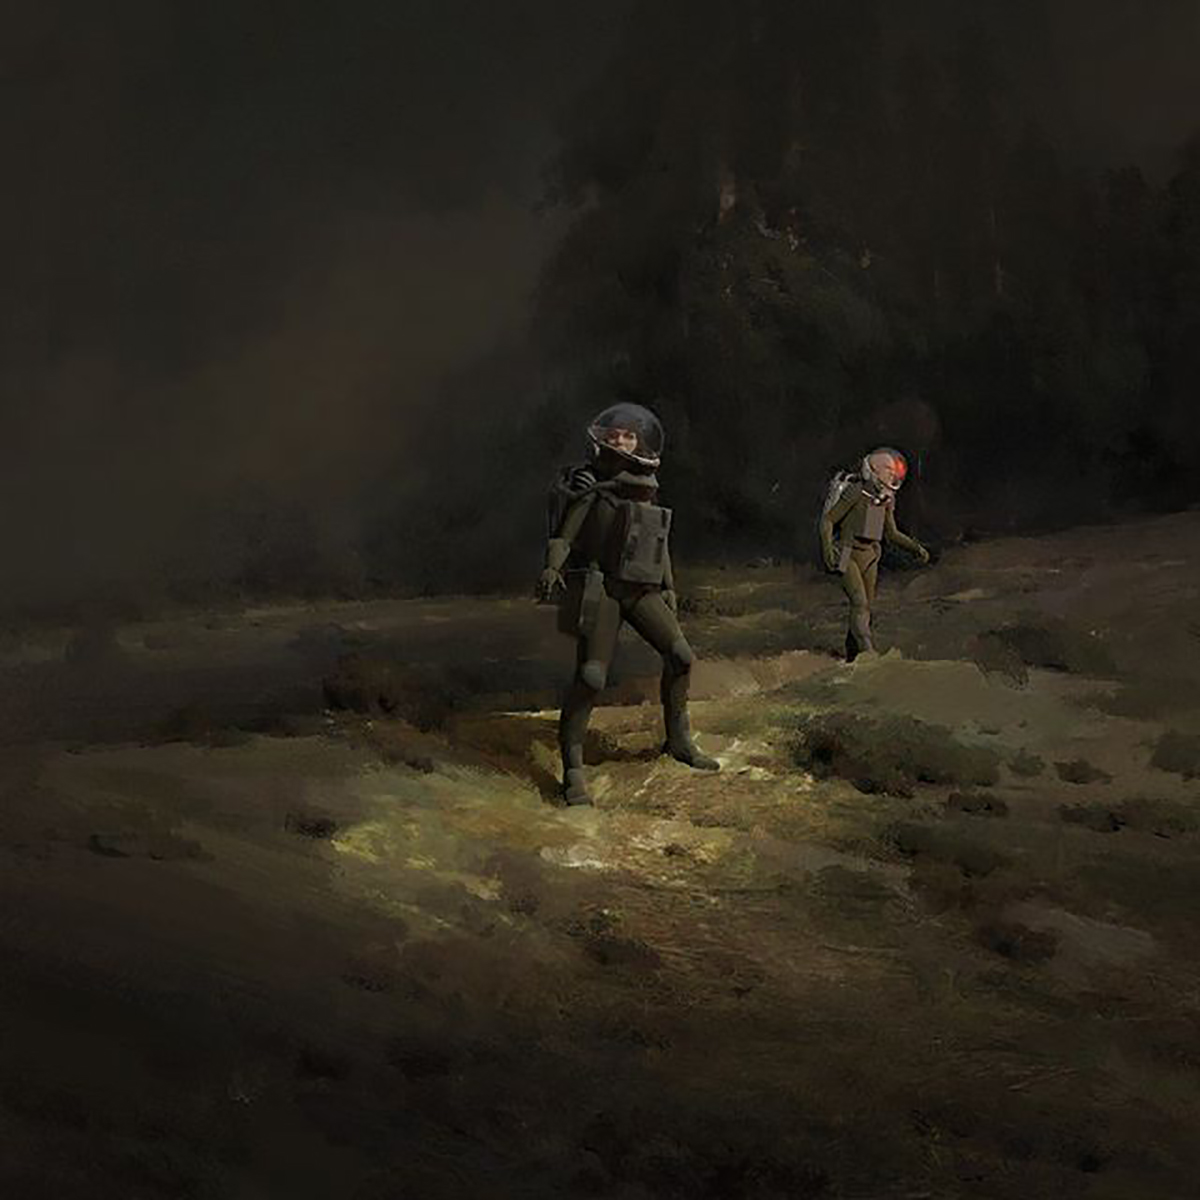 Художник S.T.A.L.K.E.R. 2 опубликовал потрясающее арты